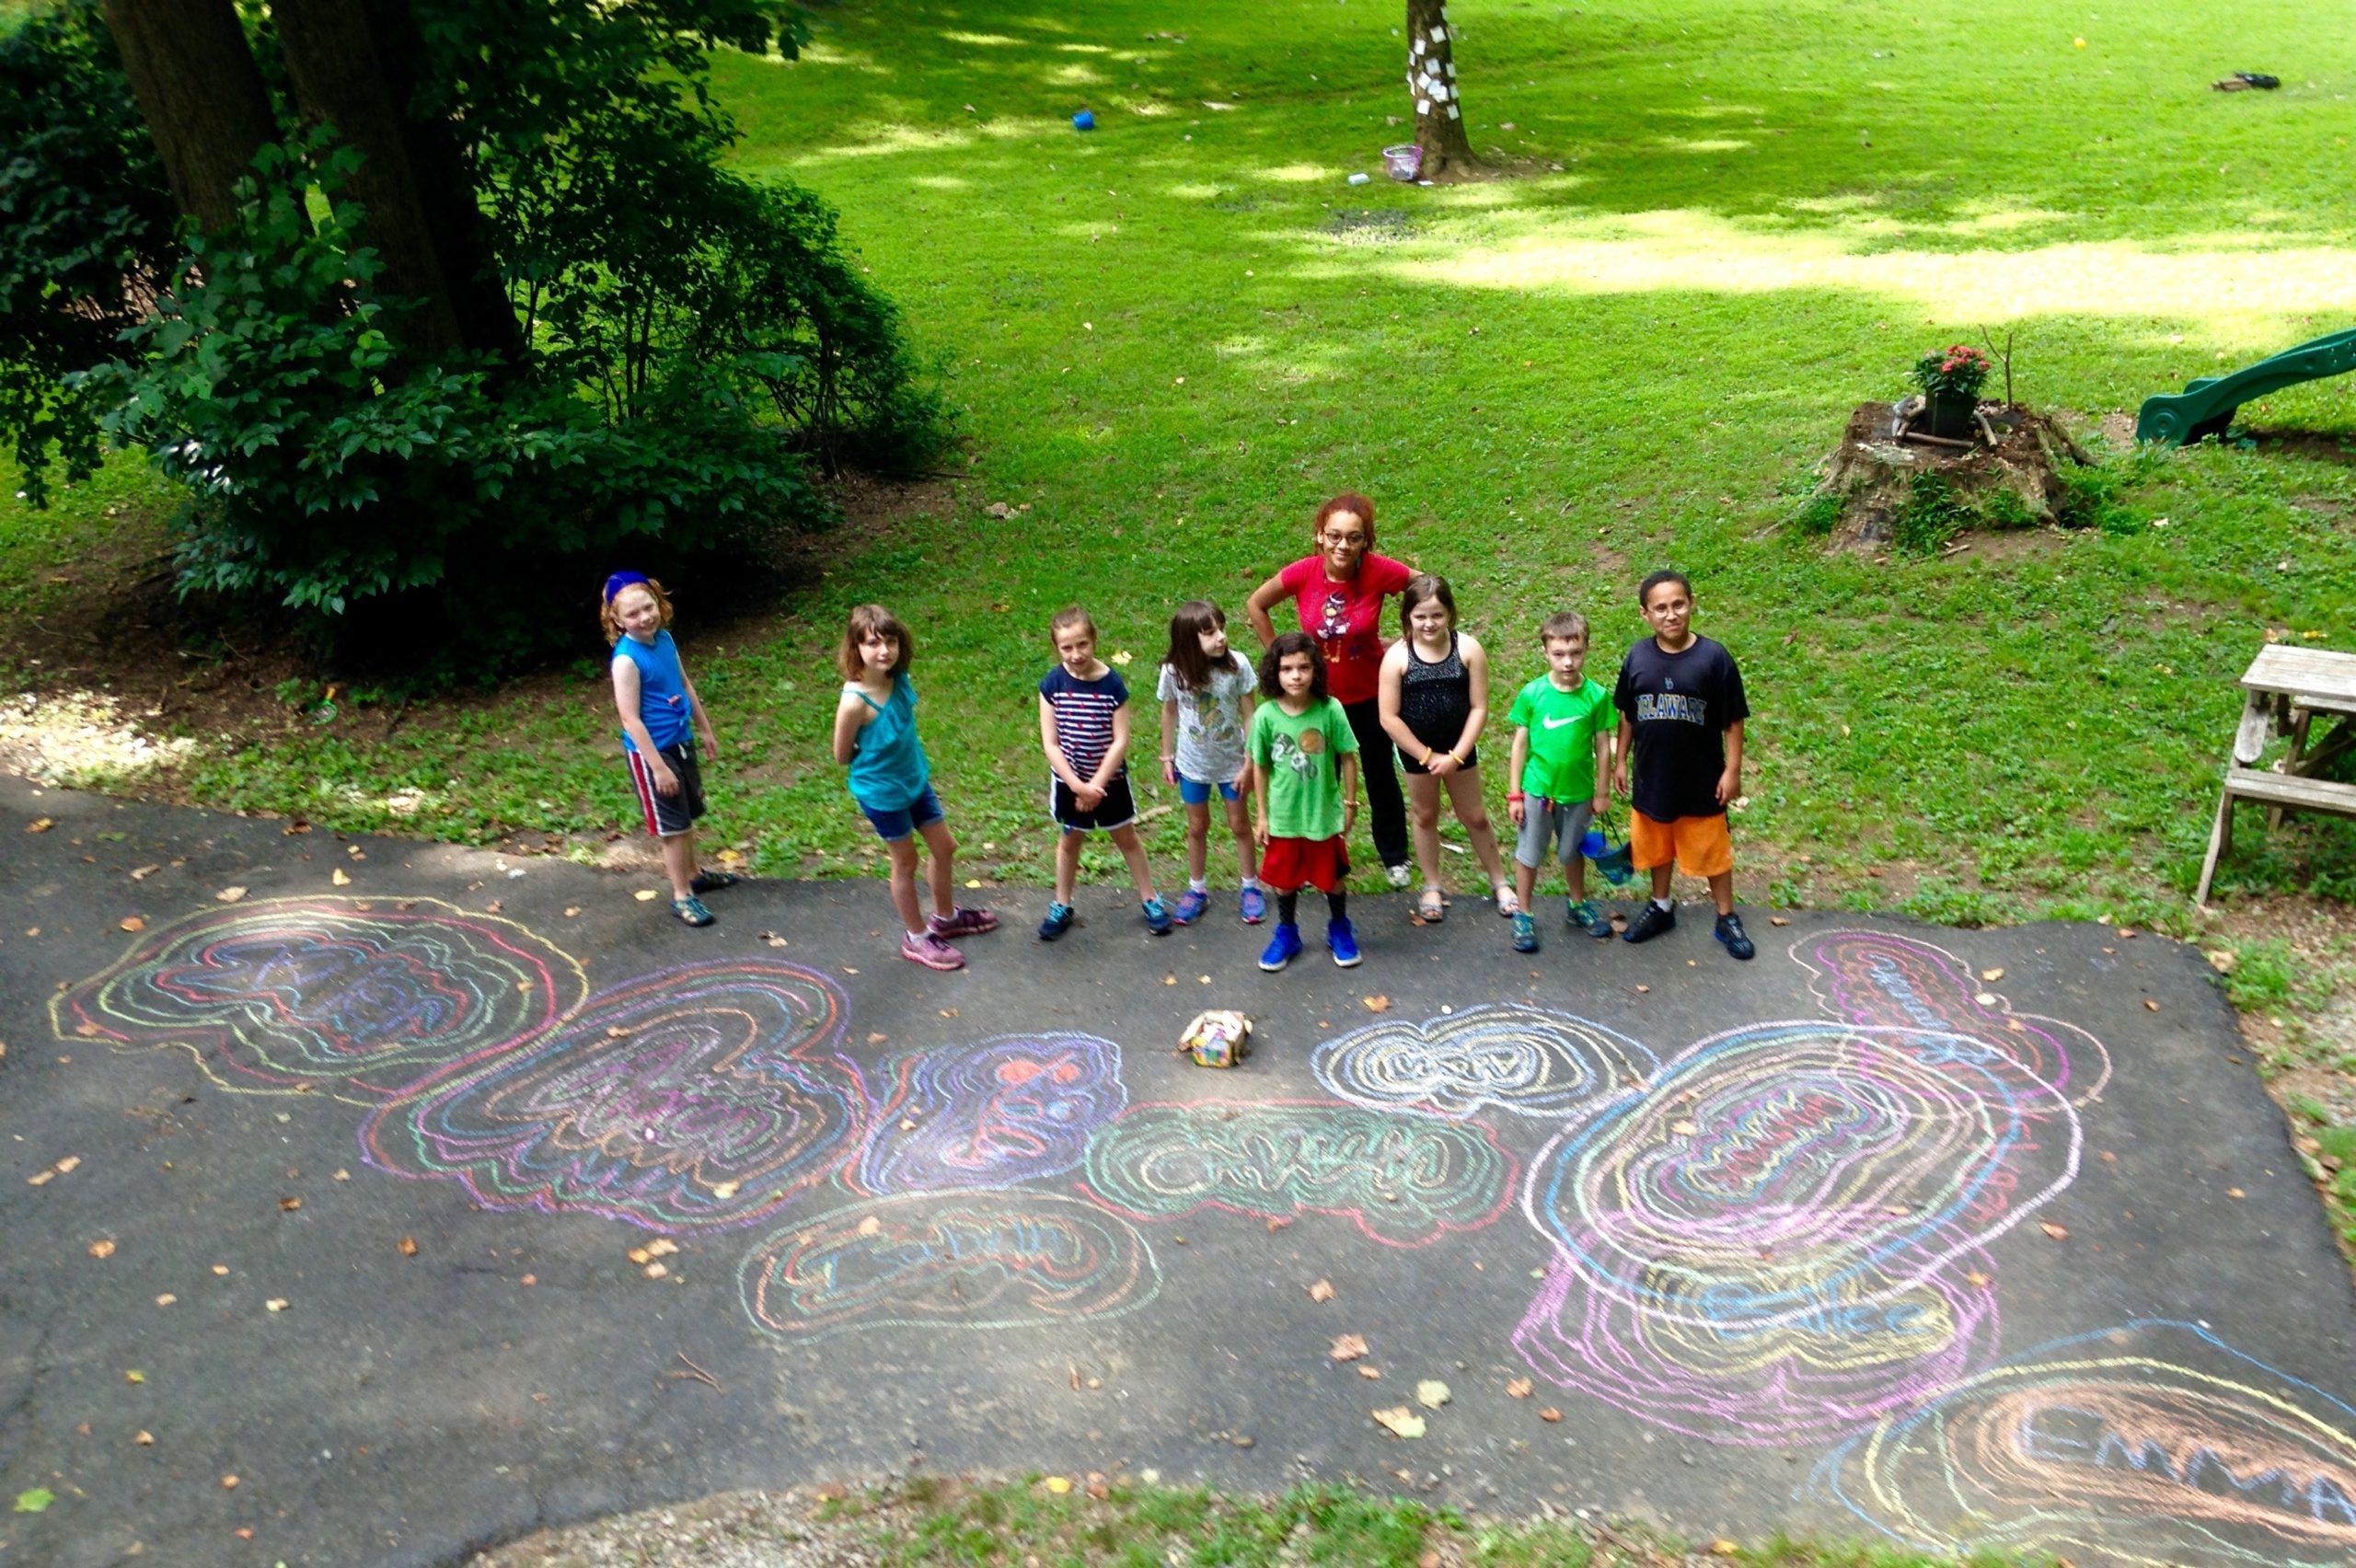 Mindful Summer Programs